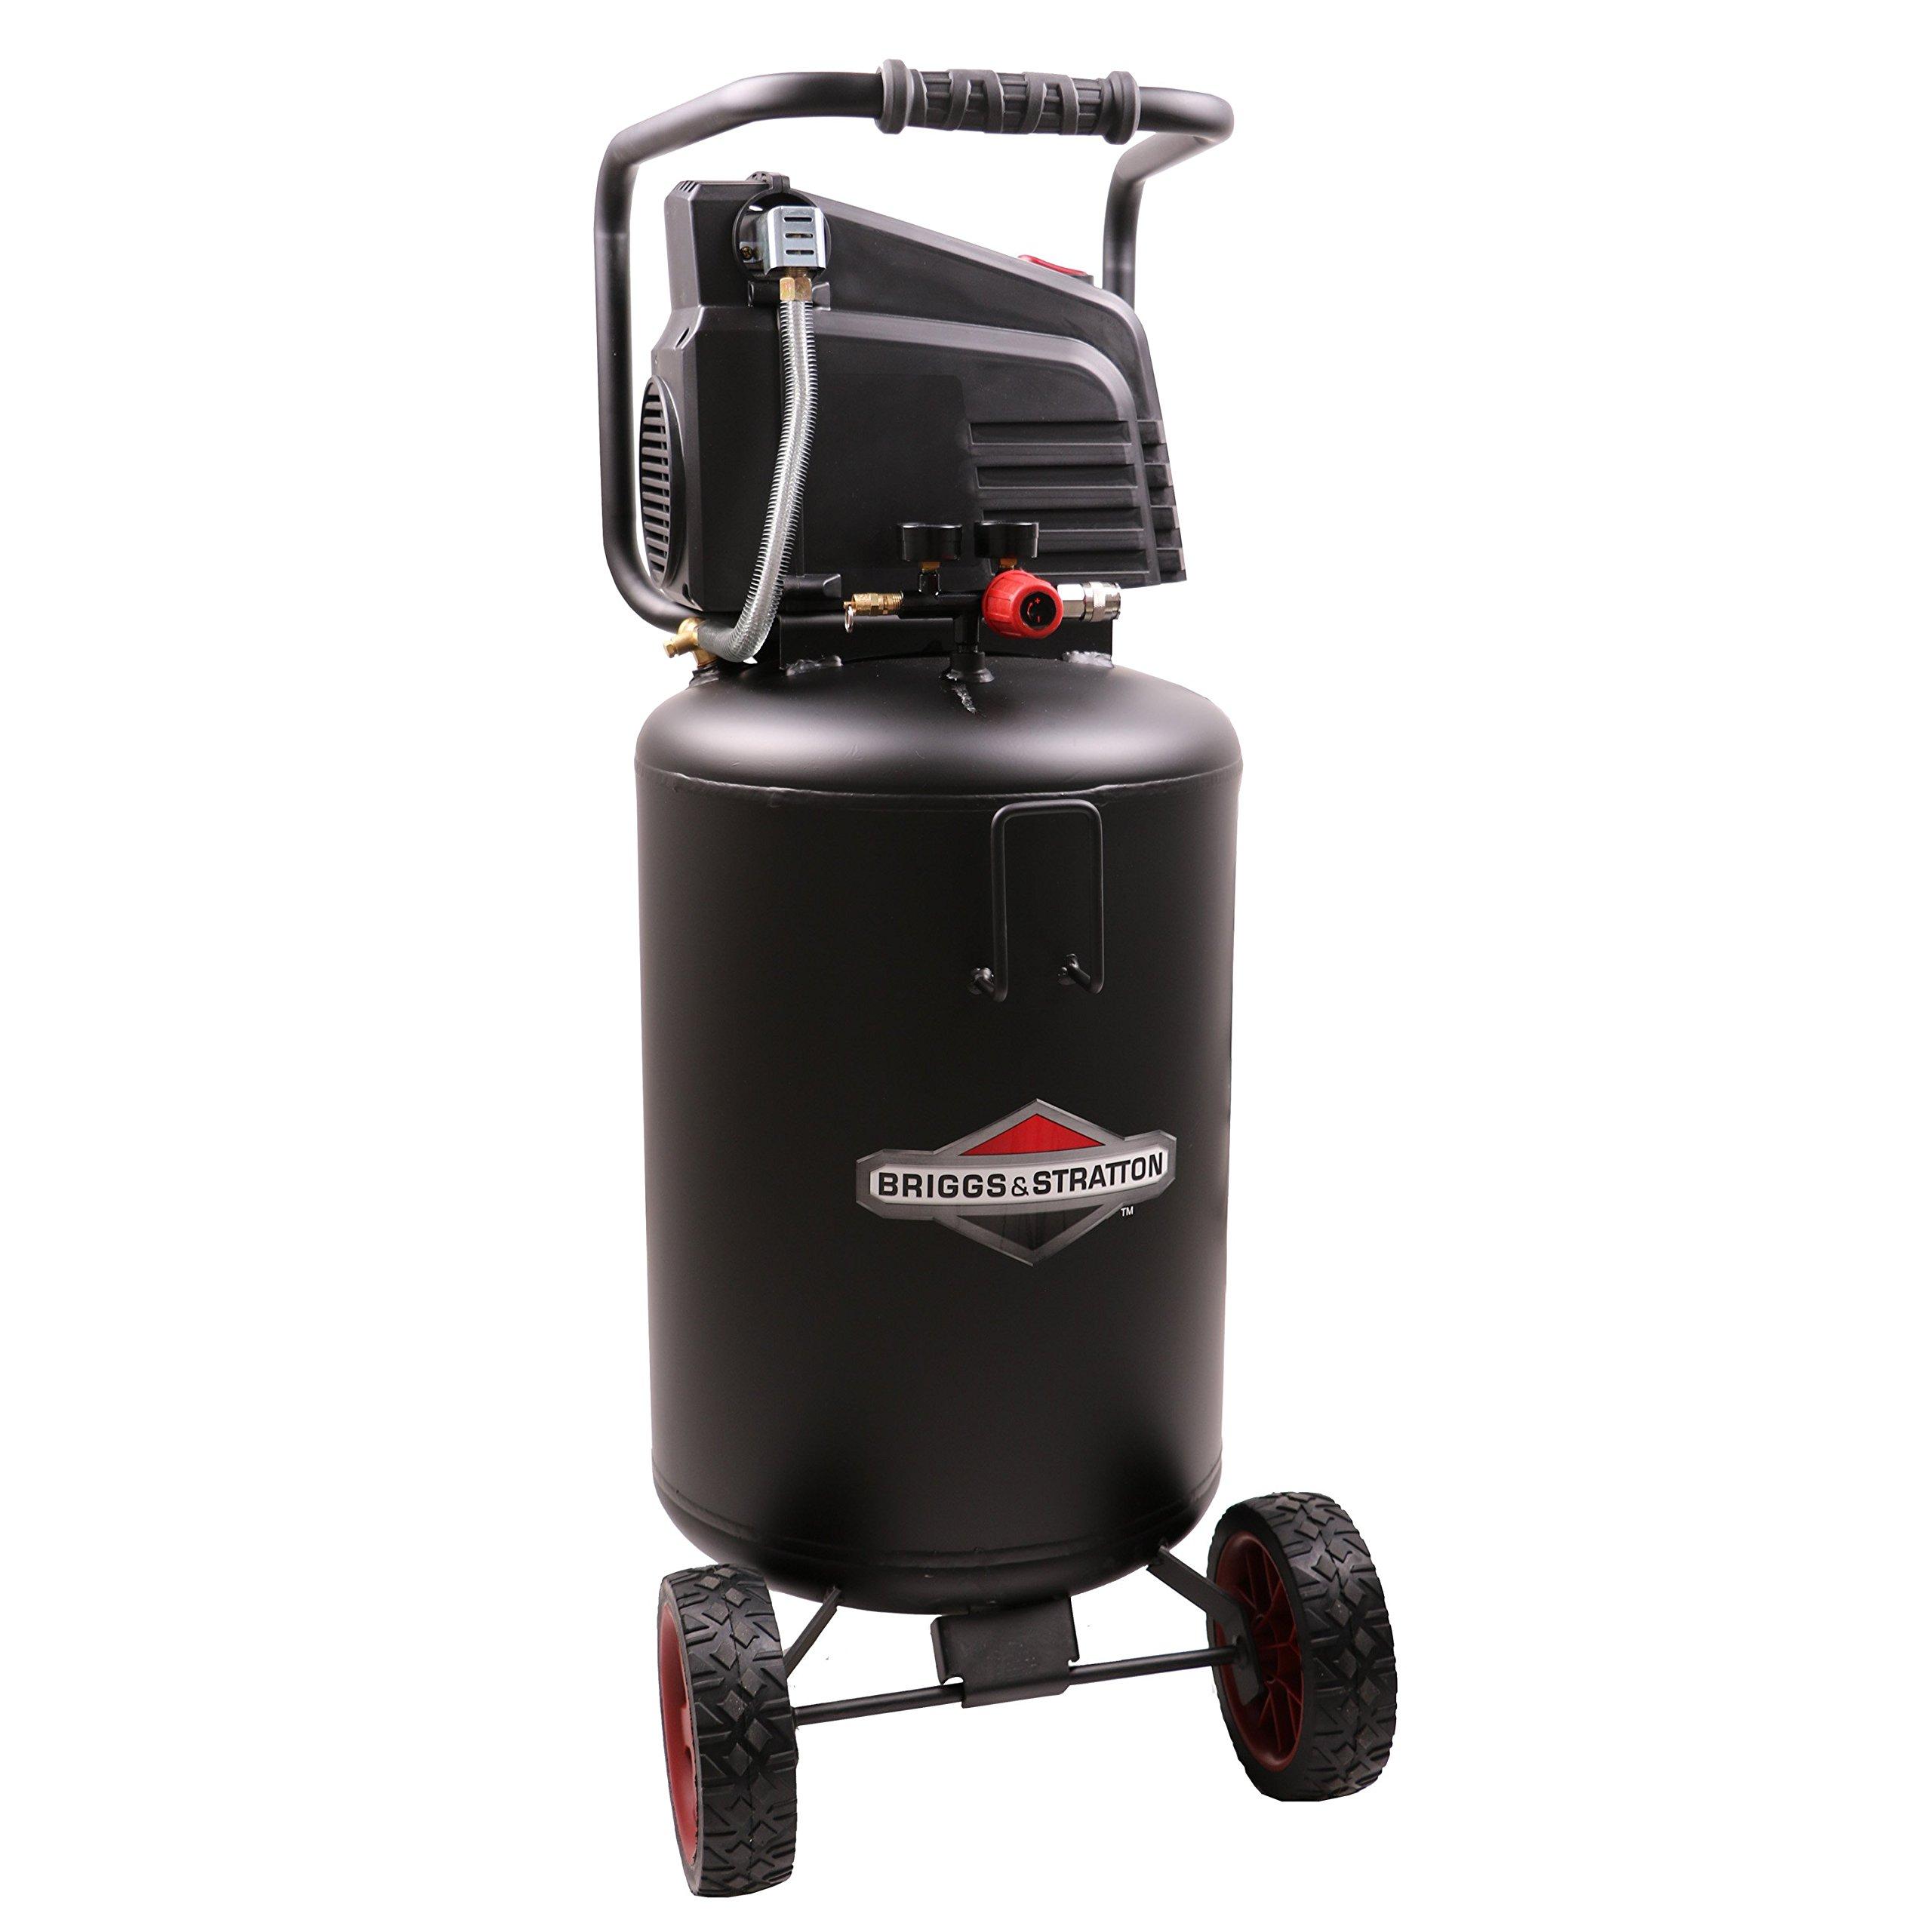 Briggs & Stratton 20-Gallon Air Compressor, Vertical 074064-00 by Briggs & Stratton